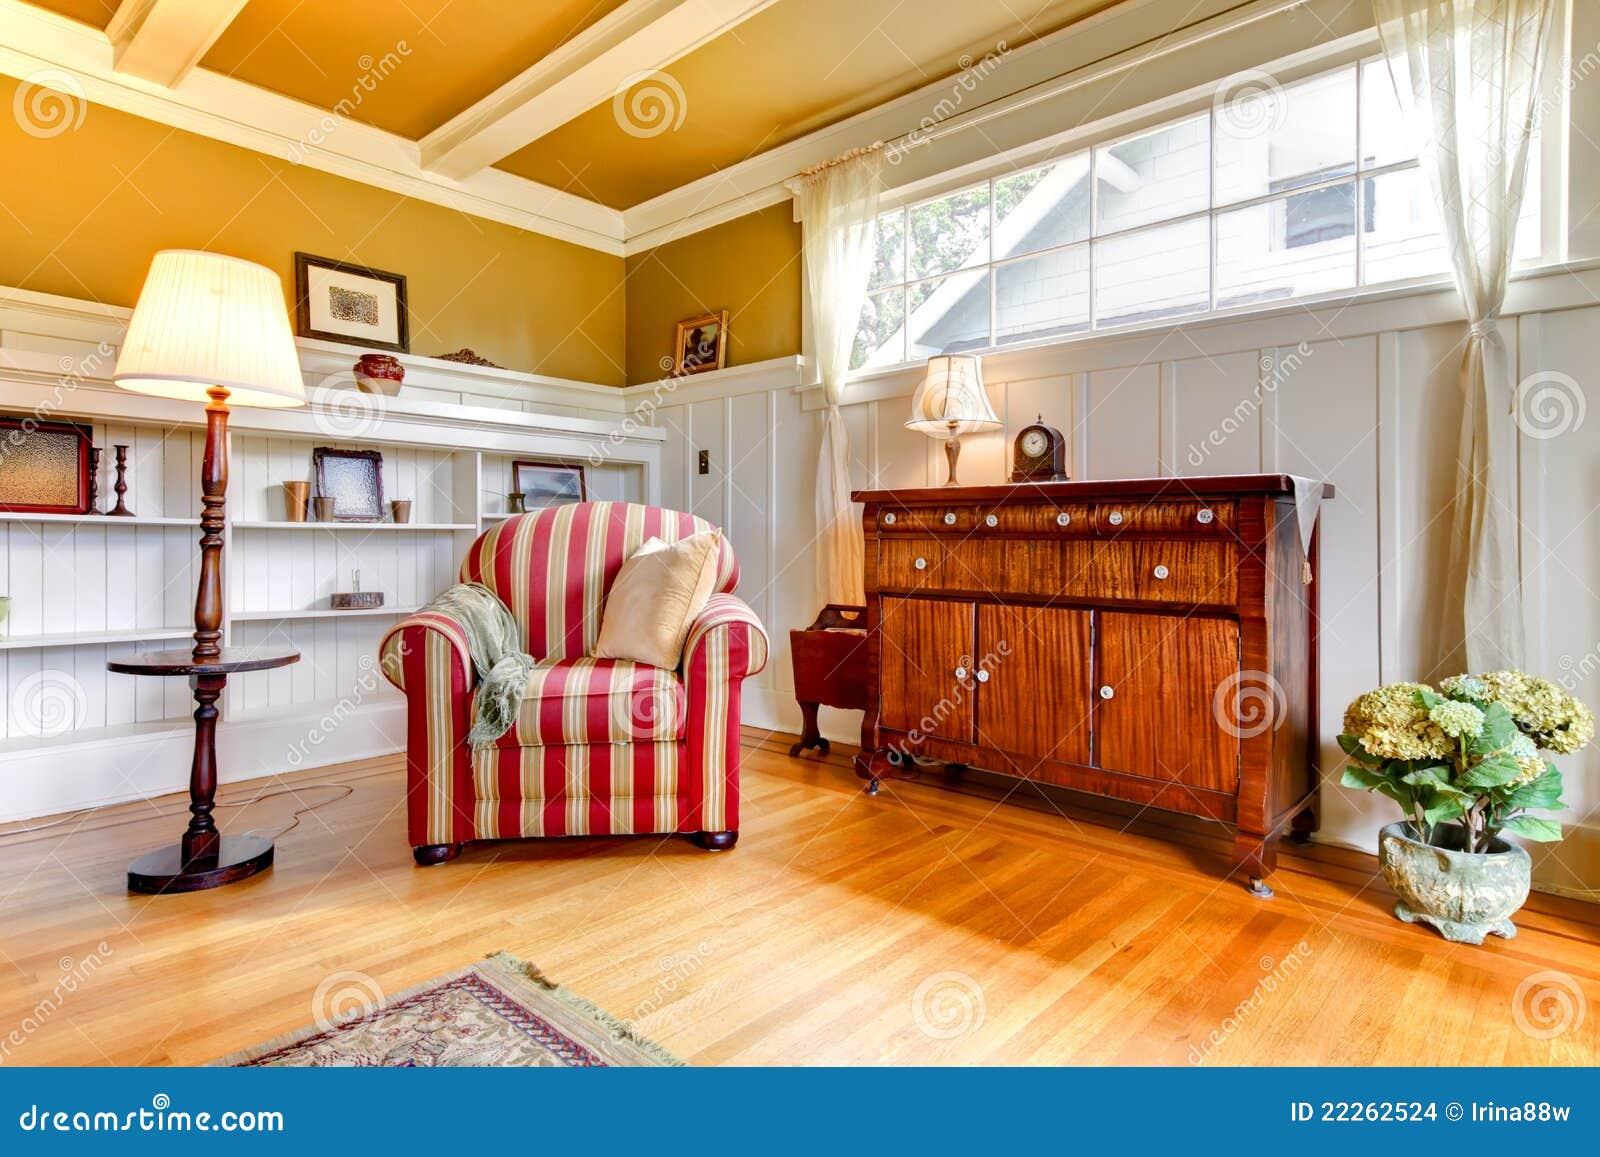 Woonkamer ontwerp rode ~ anortiz.com for .